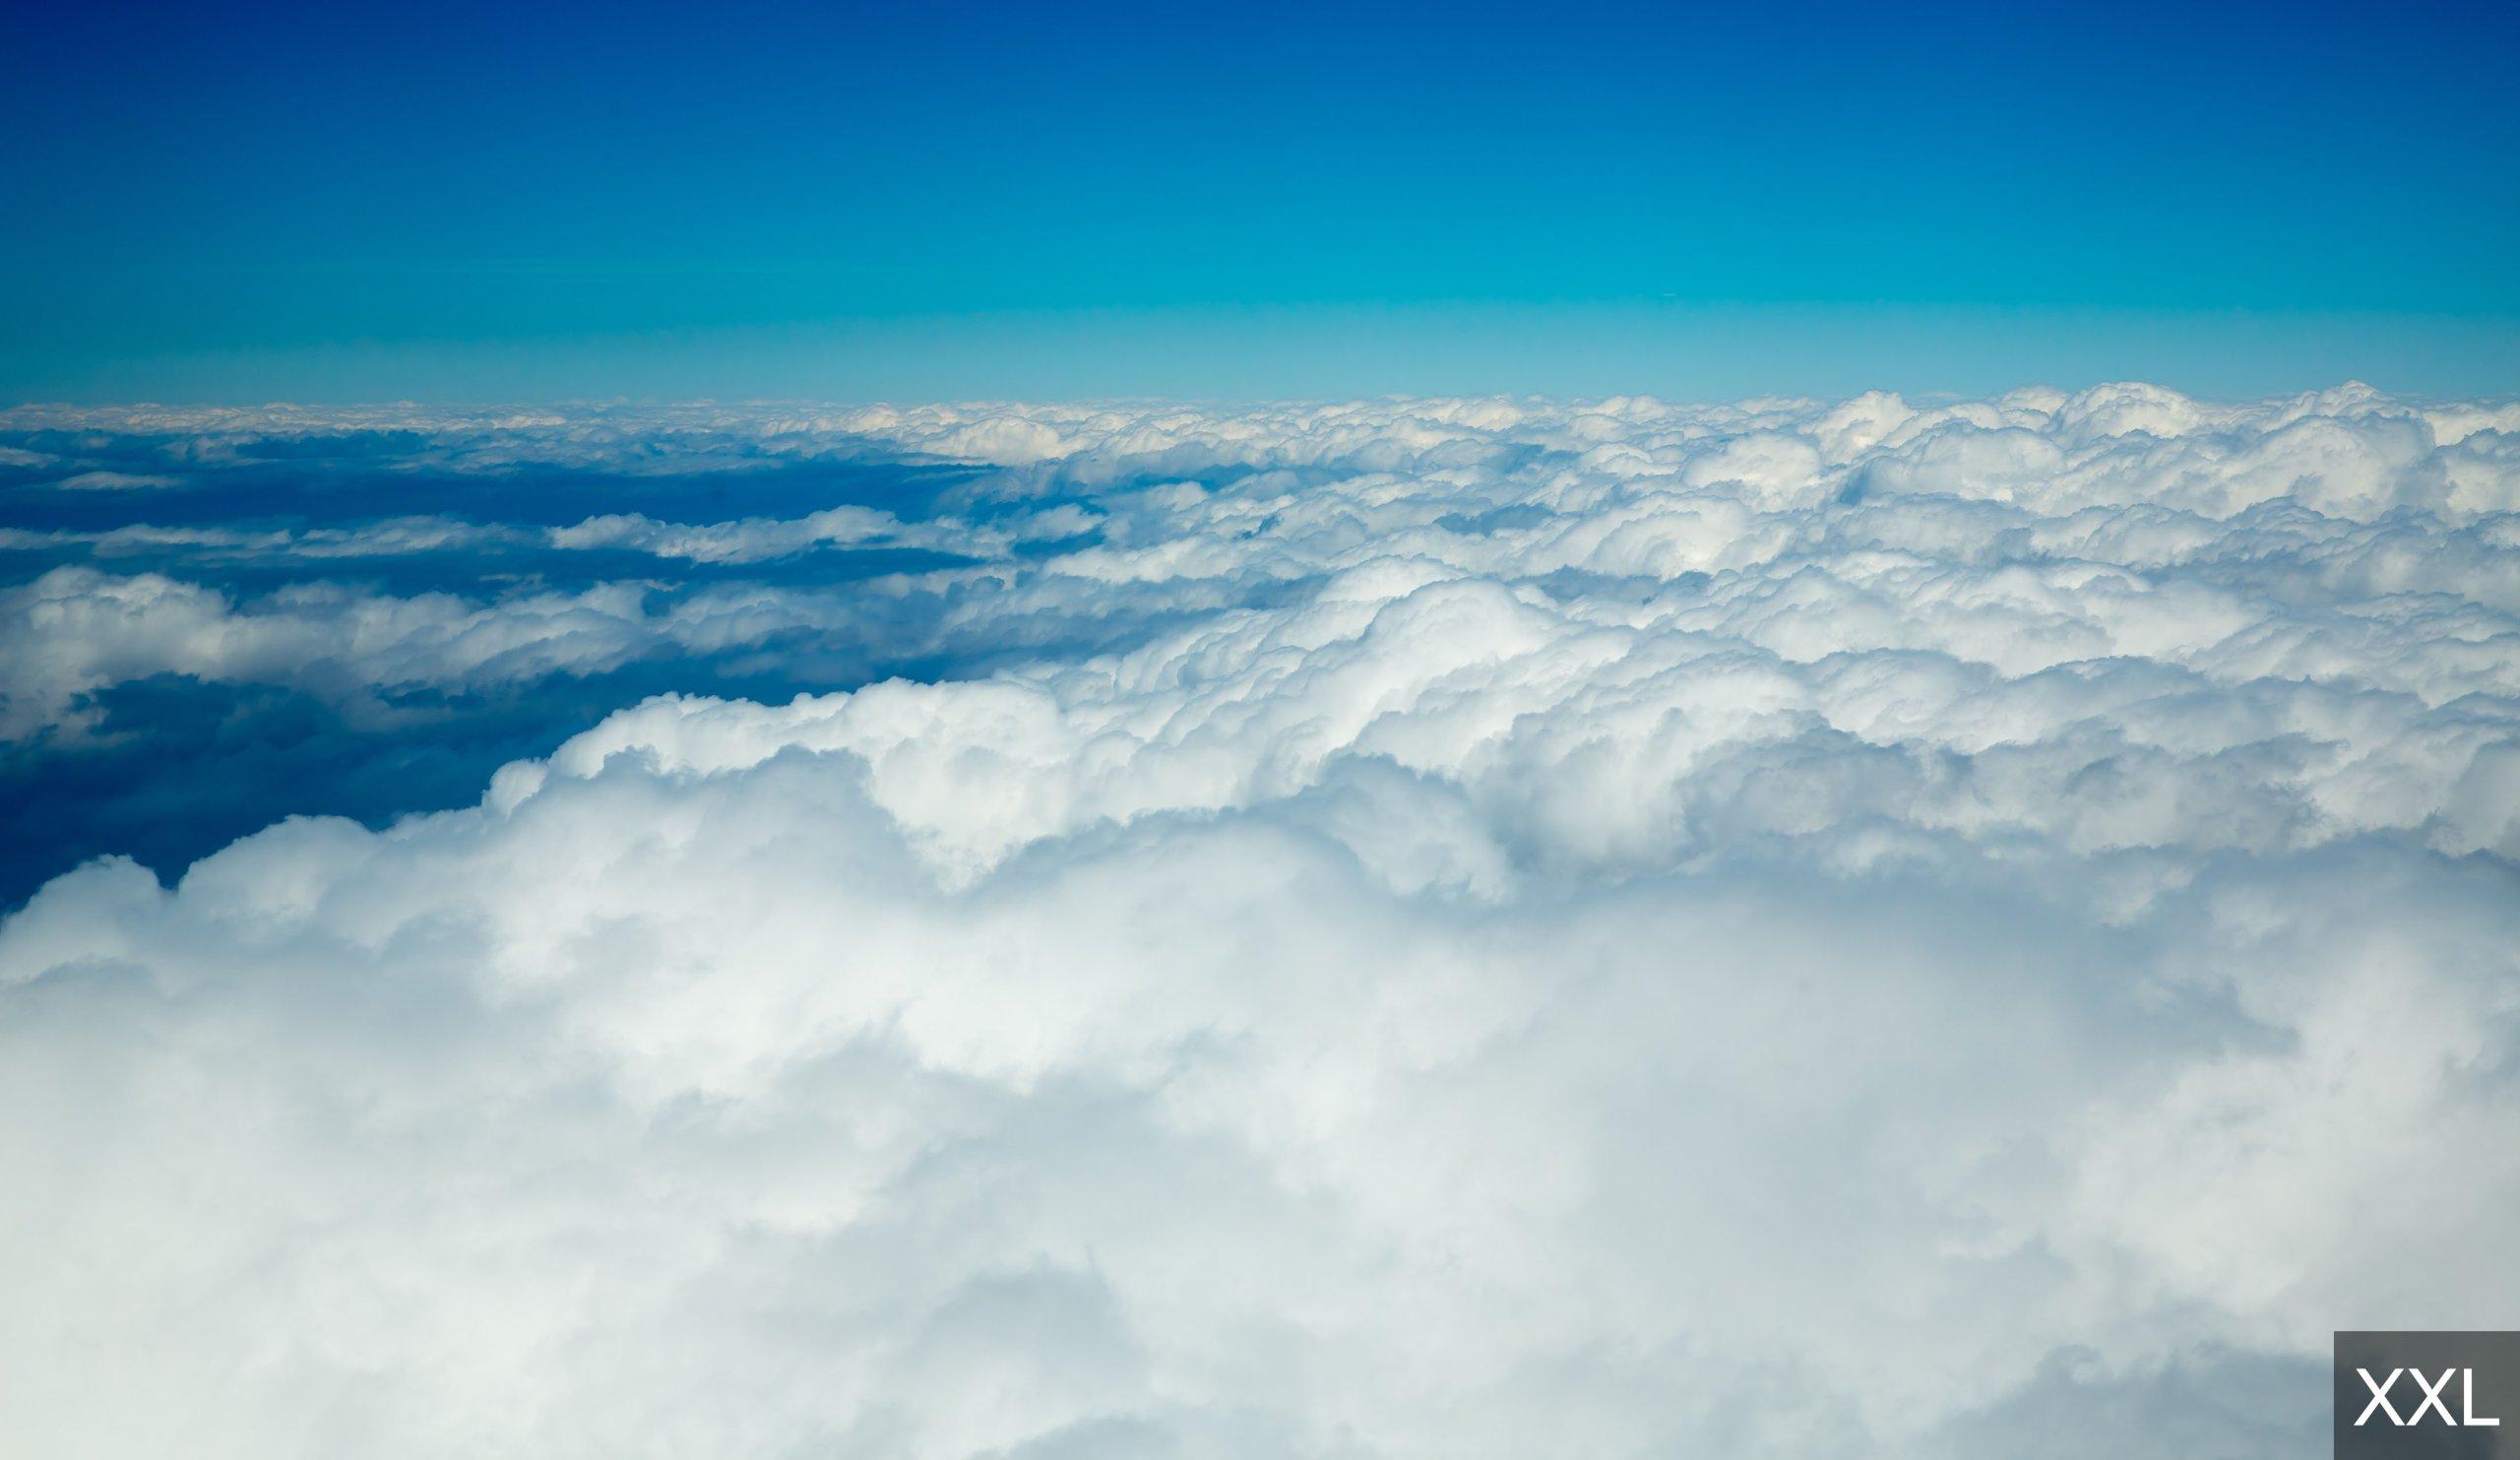 randki dla dzieci świętej chmury